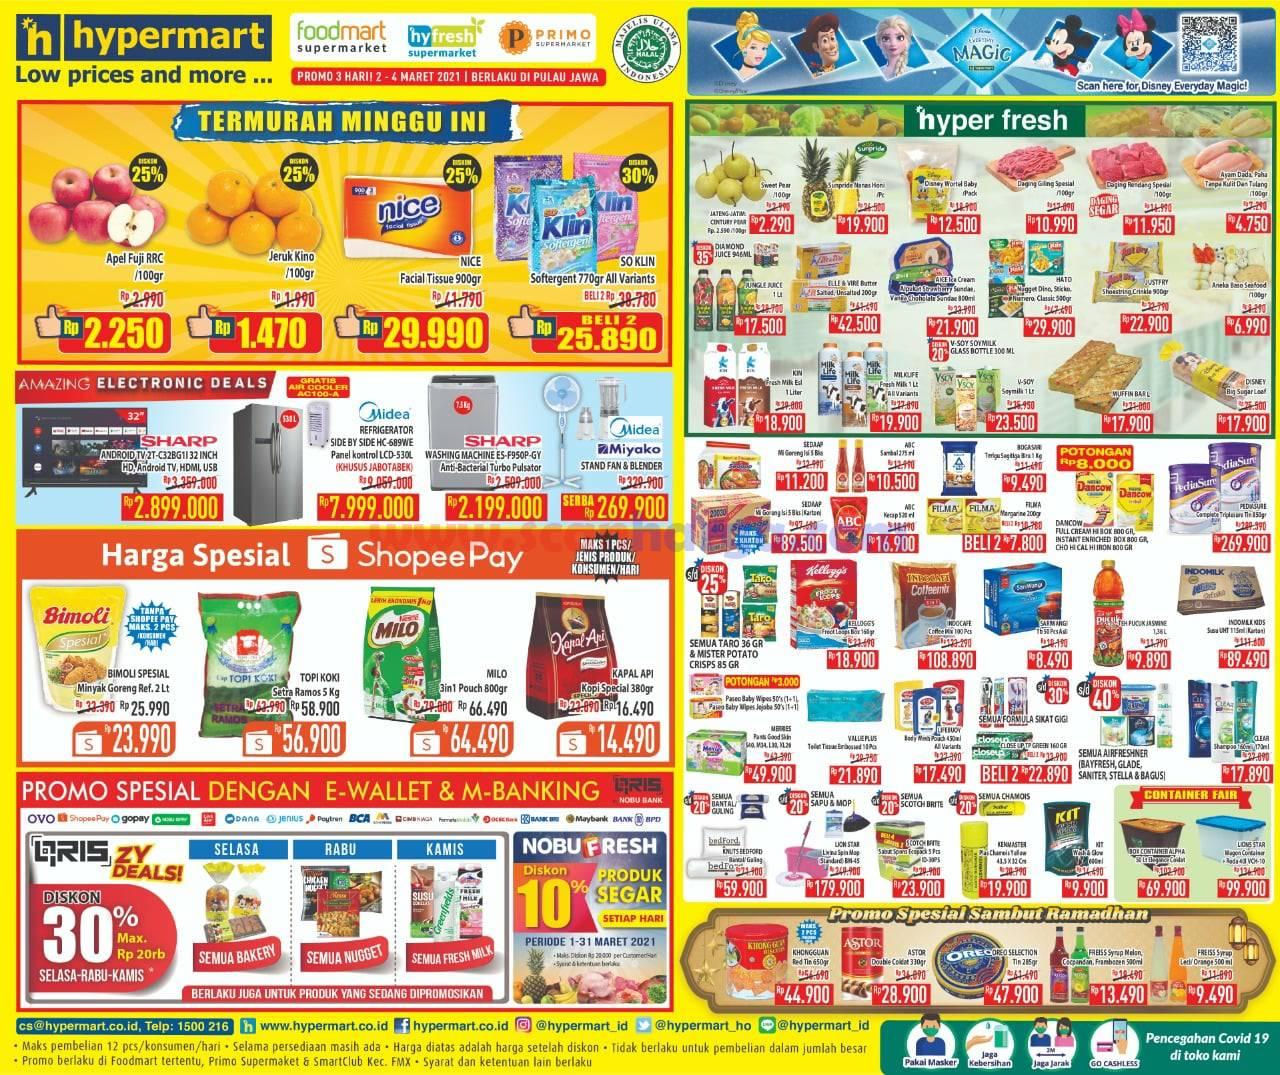 Katalog Promo Hypermart Weekday Terbaru 2 - 4 Maret 2021